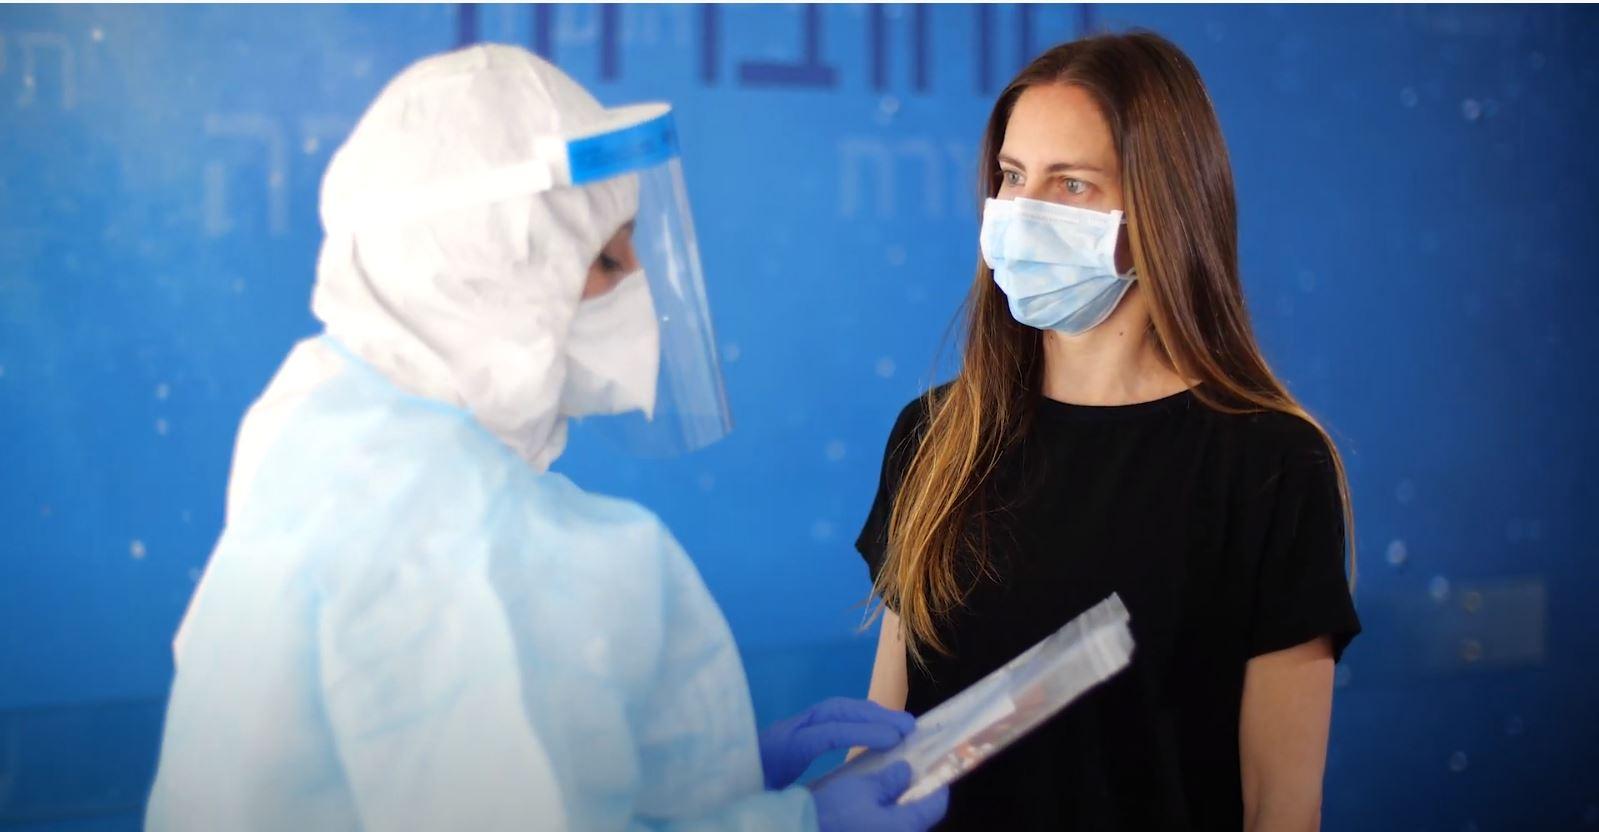 סרטון הדרכה לדוגמי קורונה - מכבי שירותי בריאות